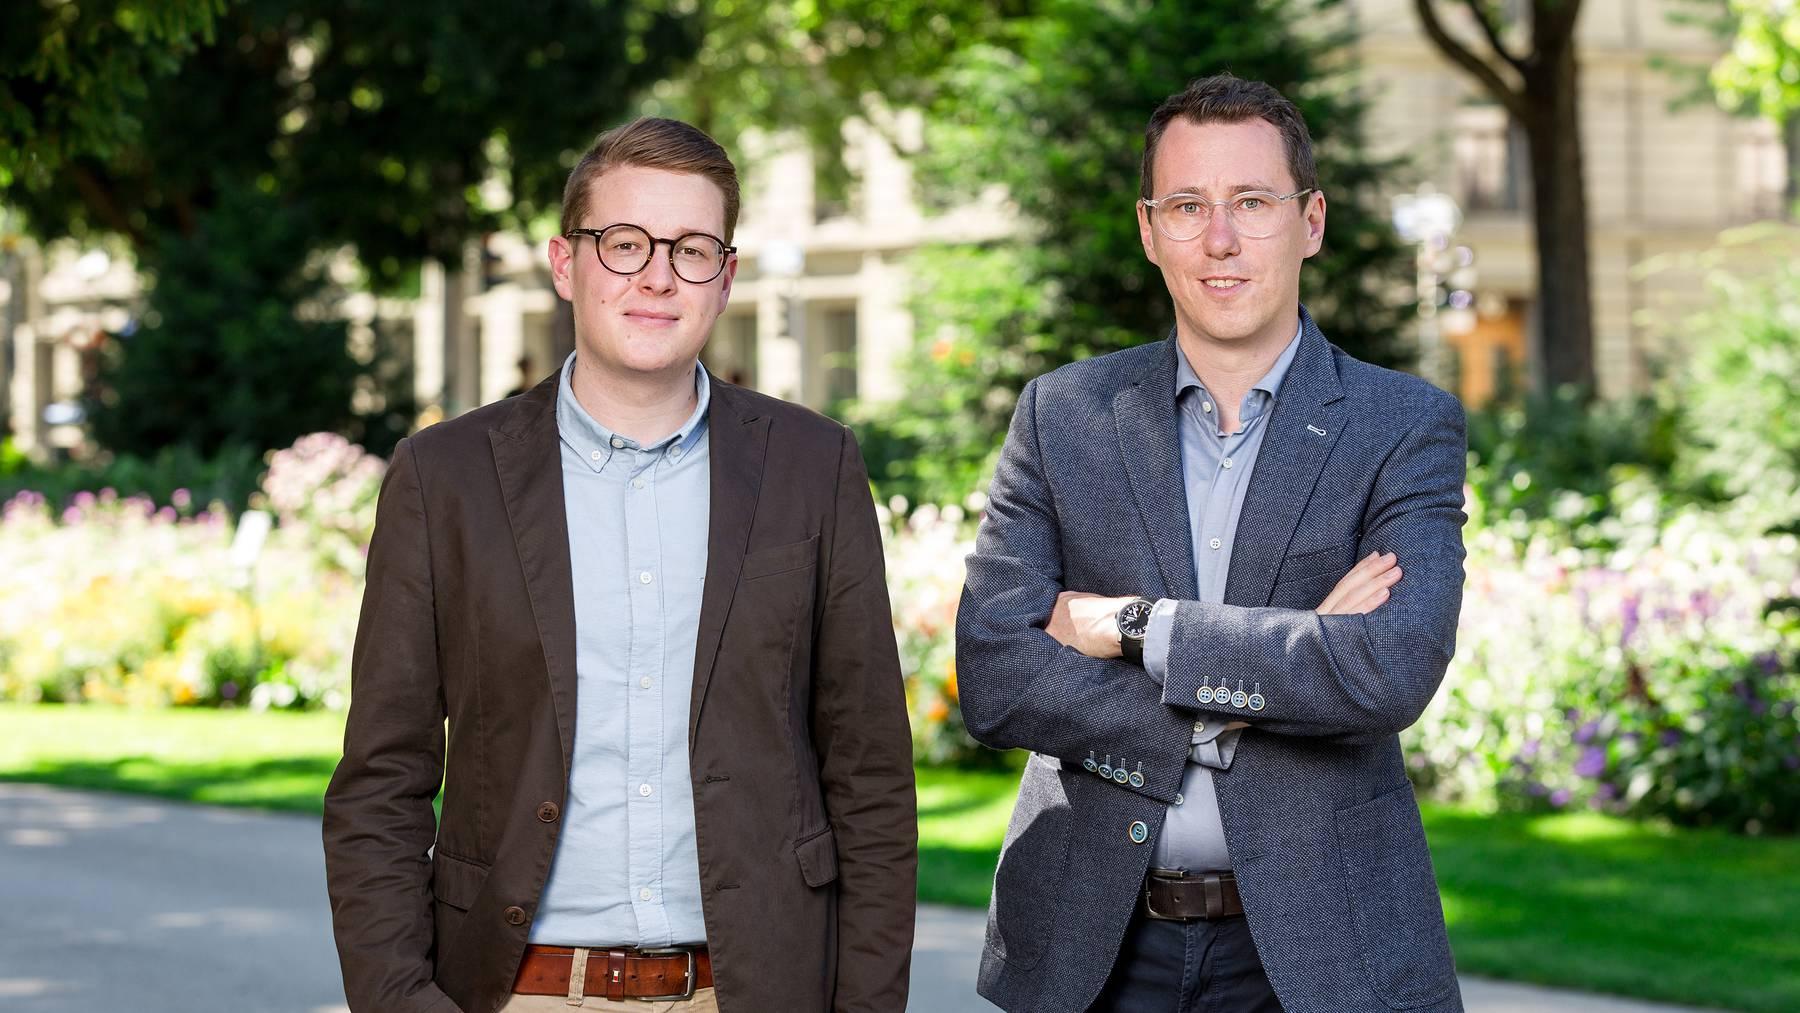 Sven Altermatt und Lucien Fluri übernehmen neu als Doppelspitze die Führung der Solothurner Zeitung, des Oltner Tagblatts und des Grenchner Tagblatts.